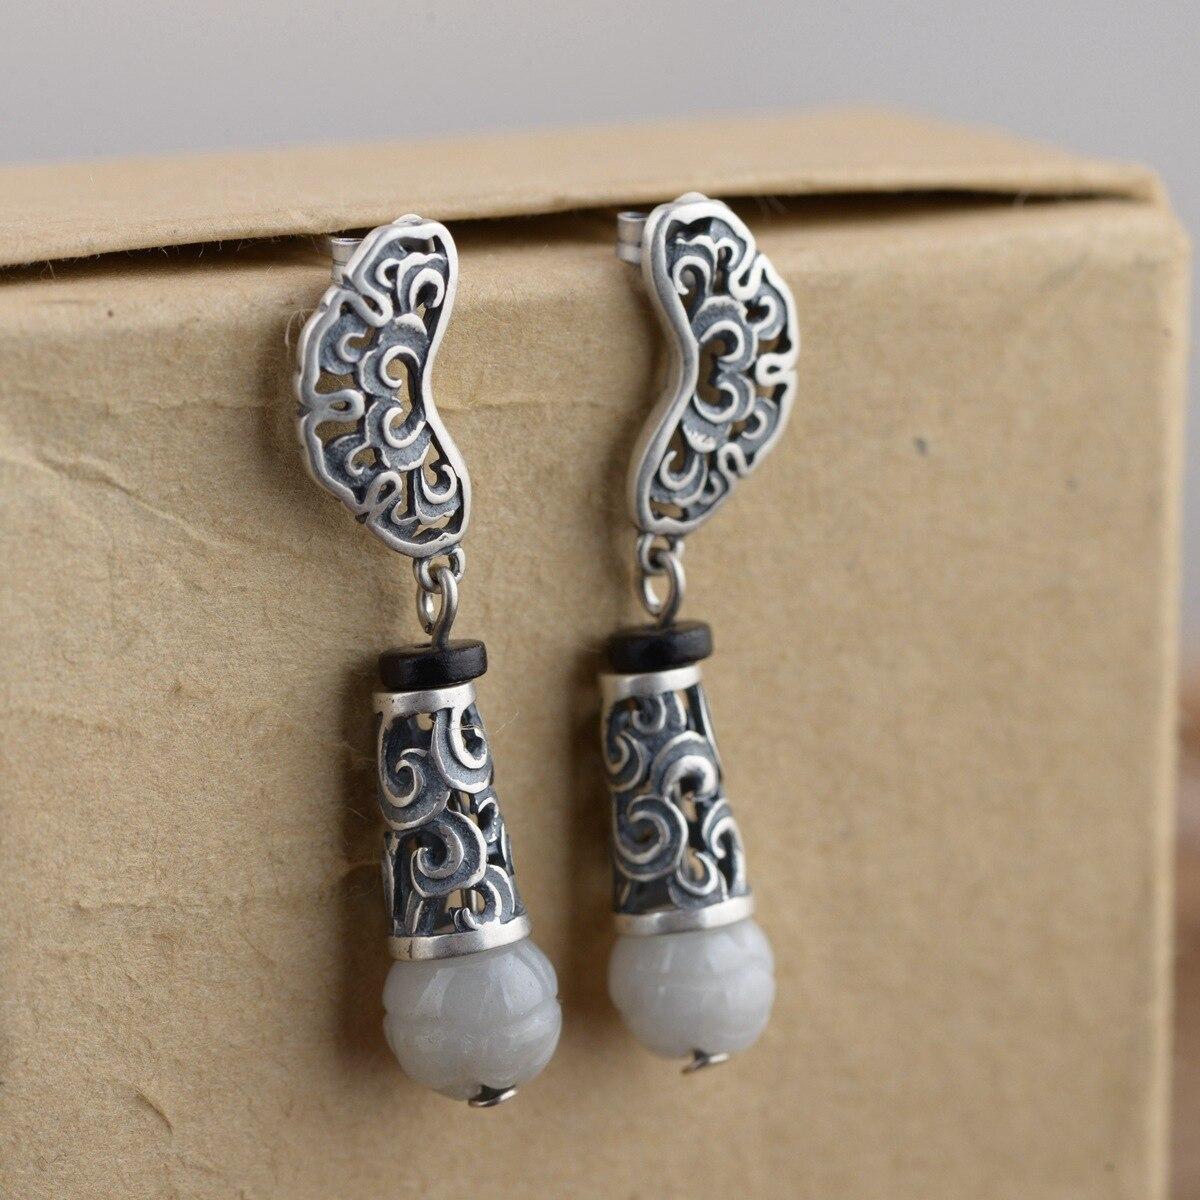 Argent reconstituant des manières antiques femmes premier bijoux mode boucles d'oreilles